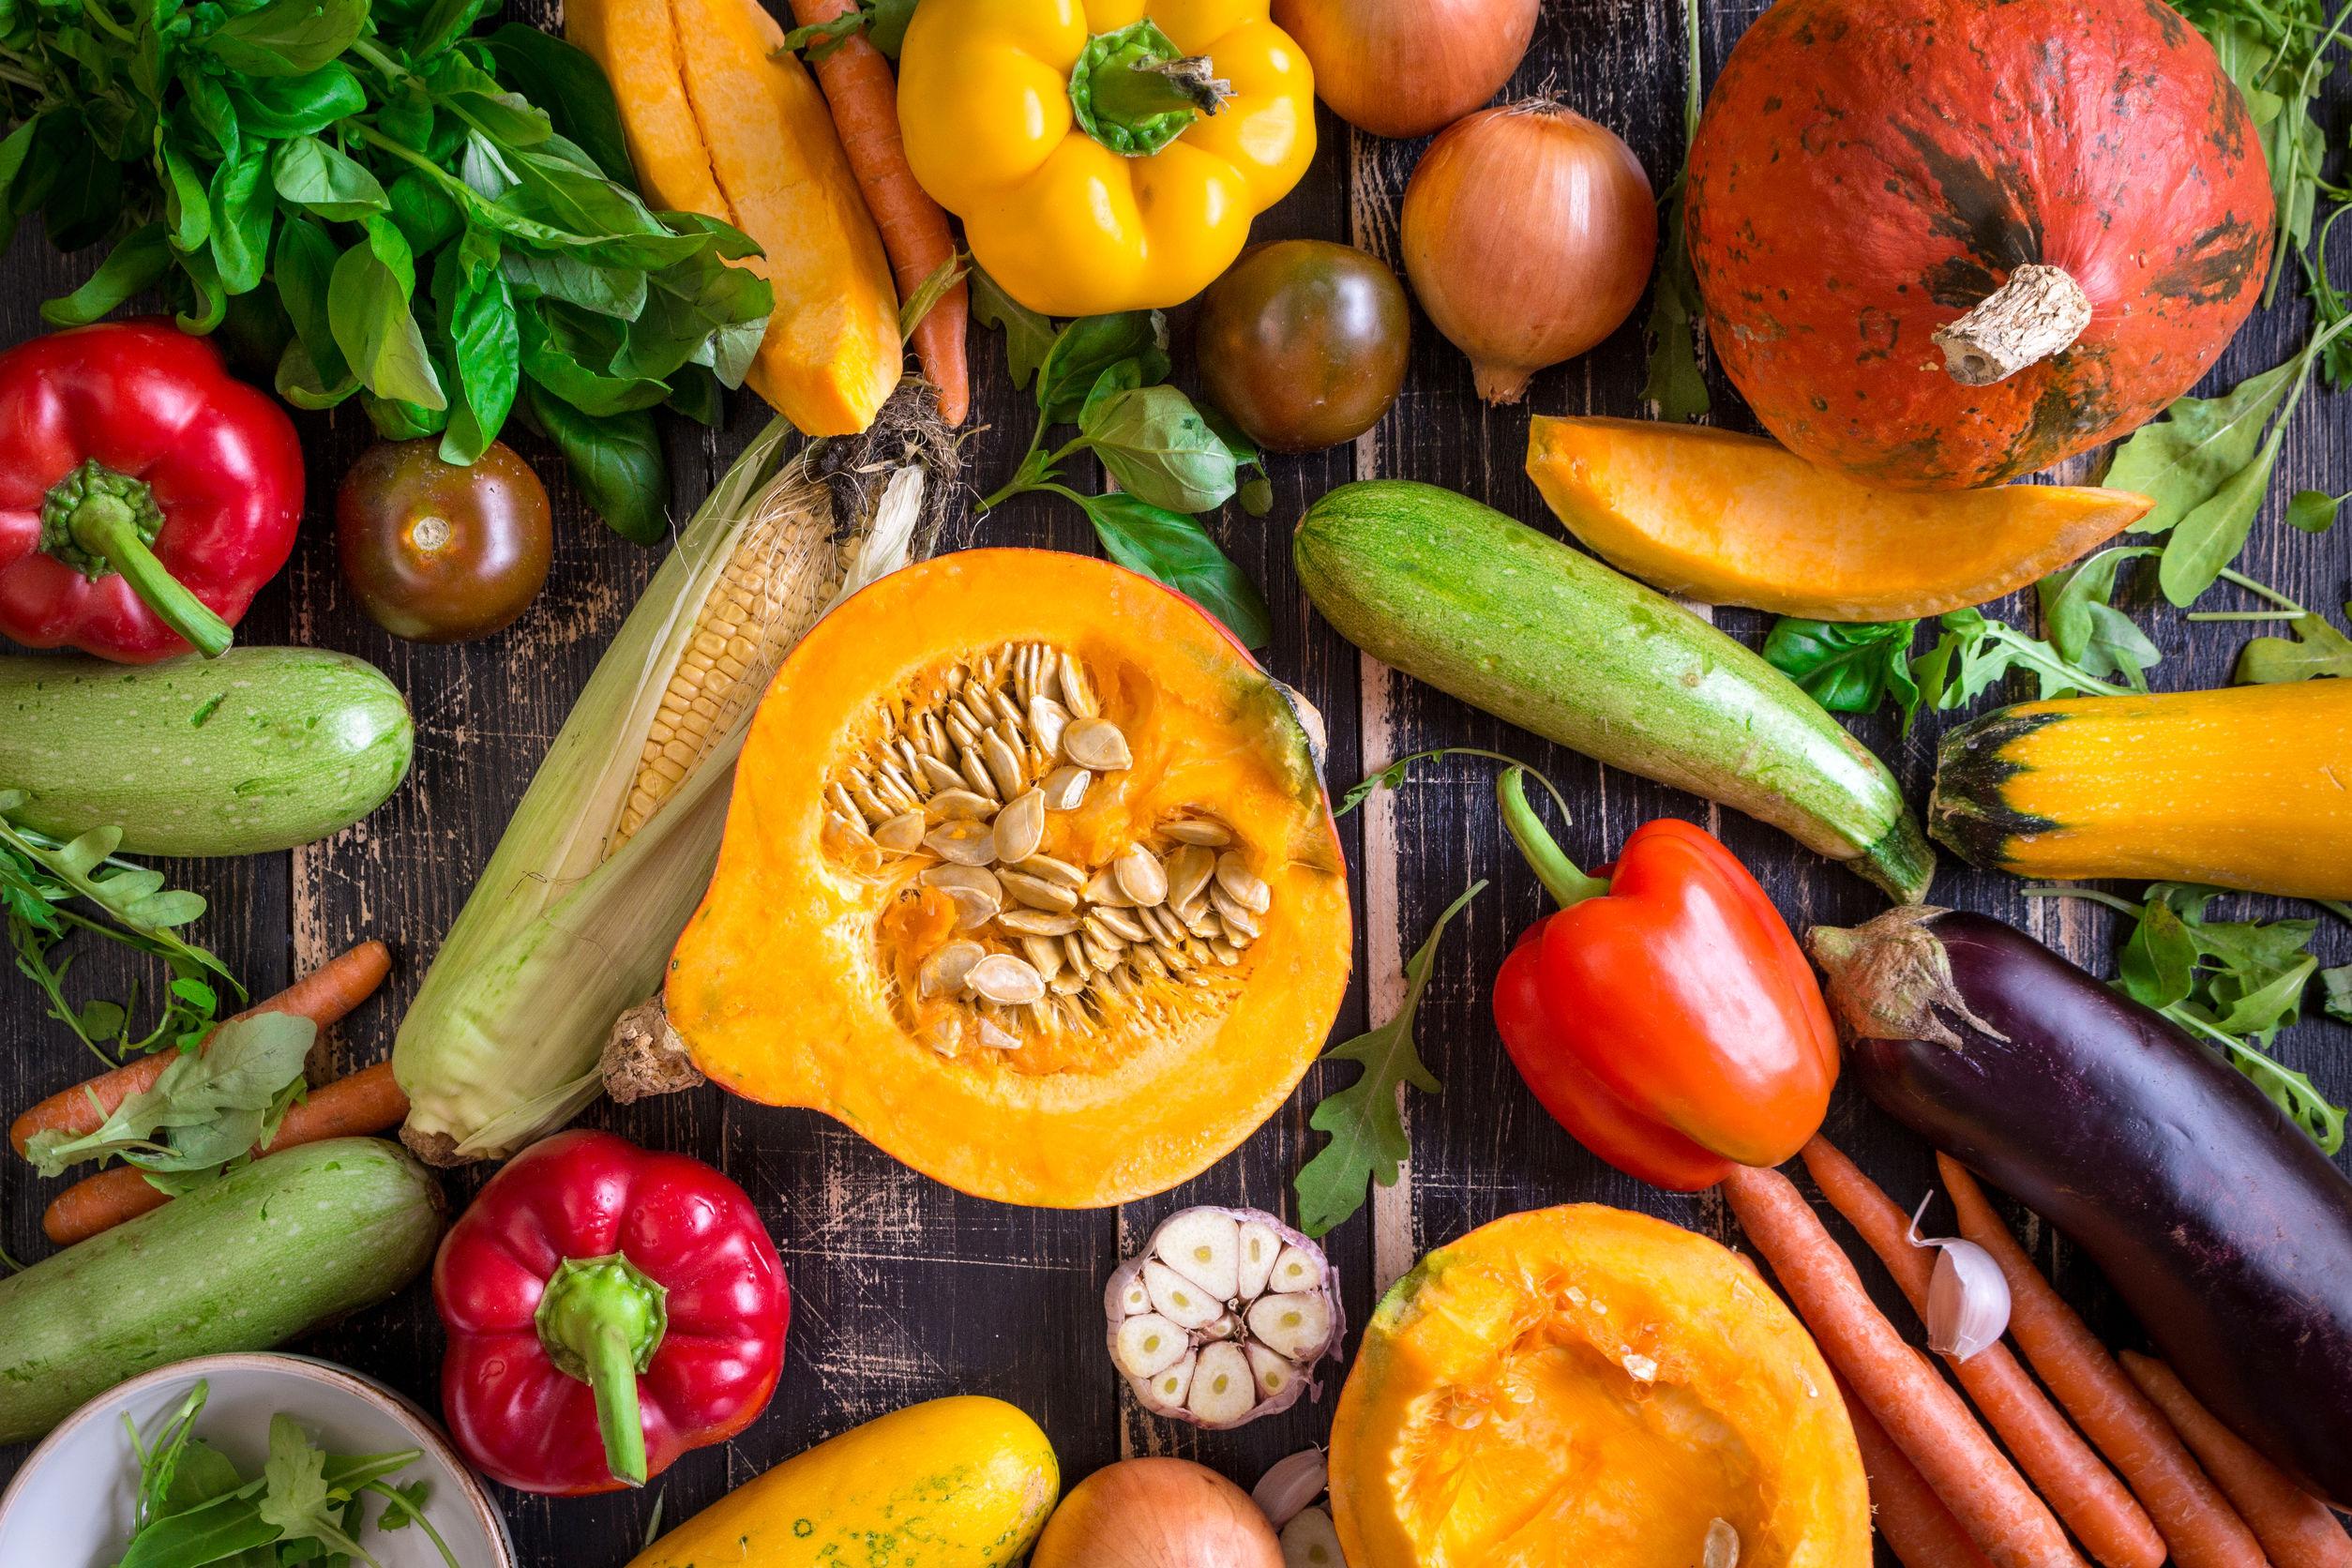 LISTA de cumpărături. Legumele pentru murături şi fructele pentru dulceţuri au umplut PIEŢELE. PREŢURI din ţară